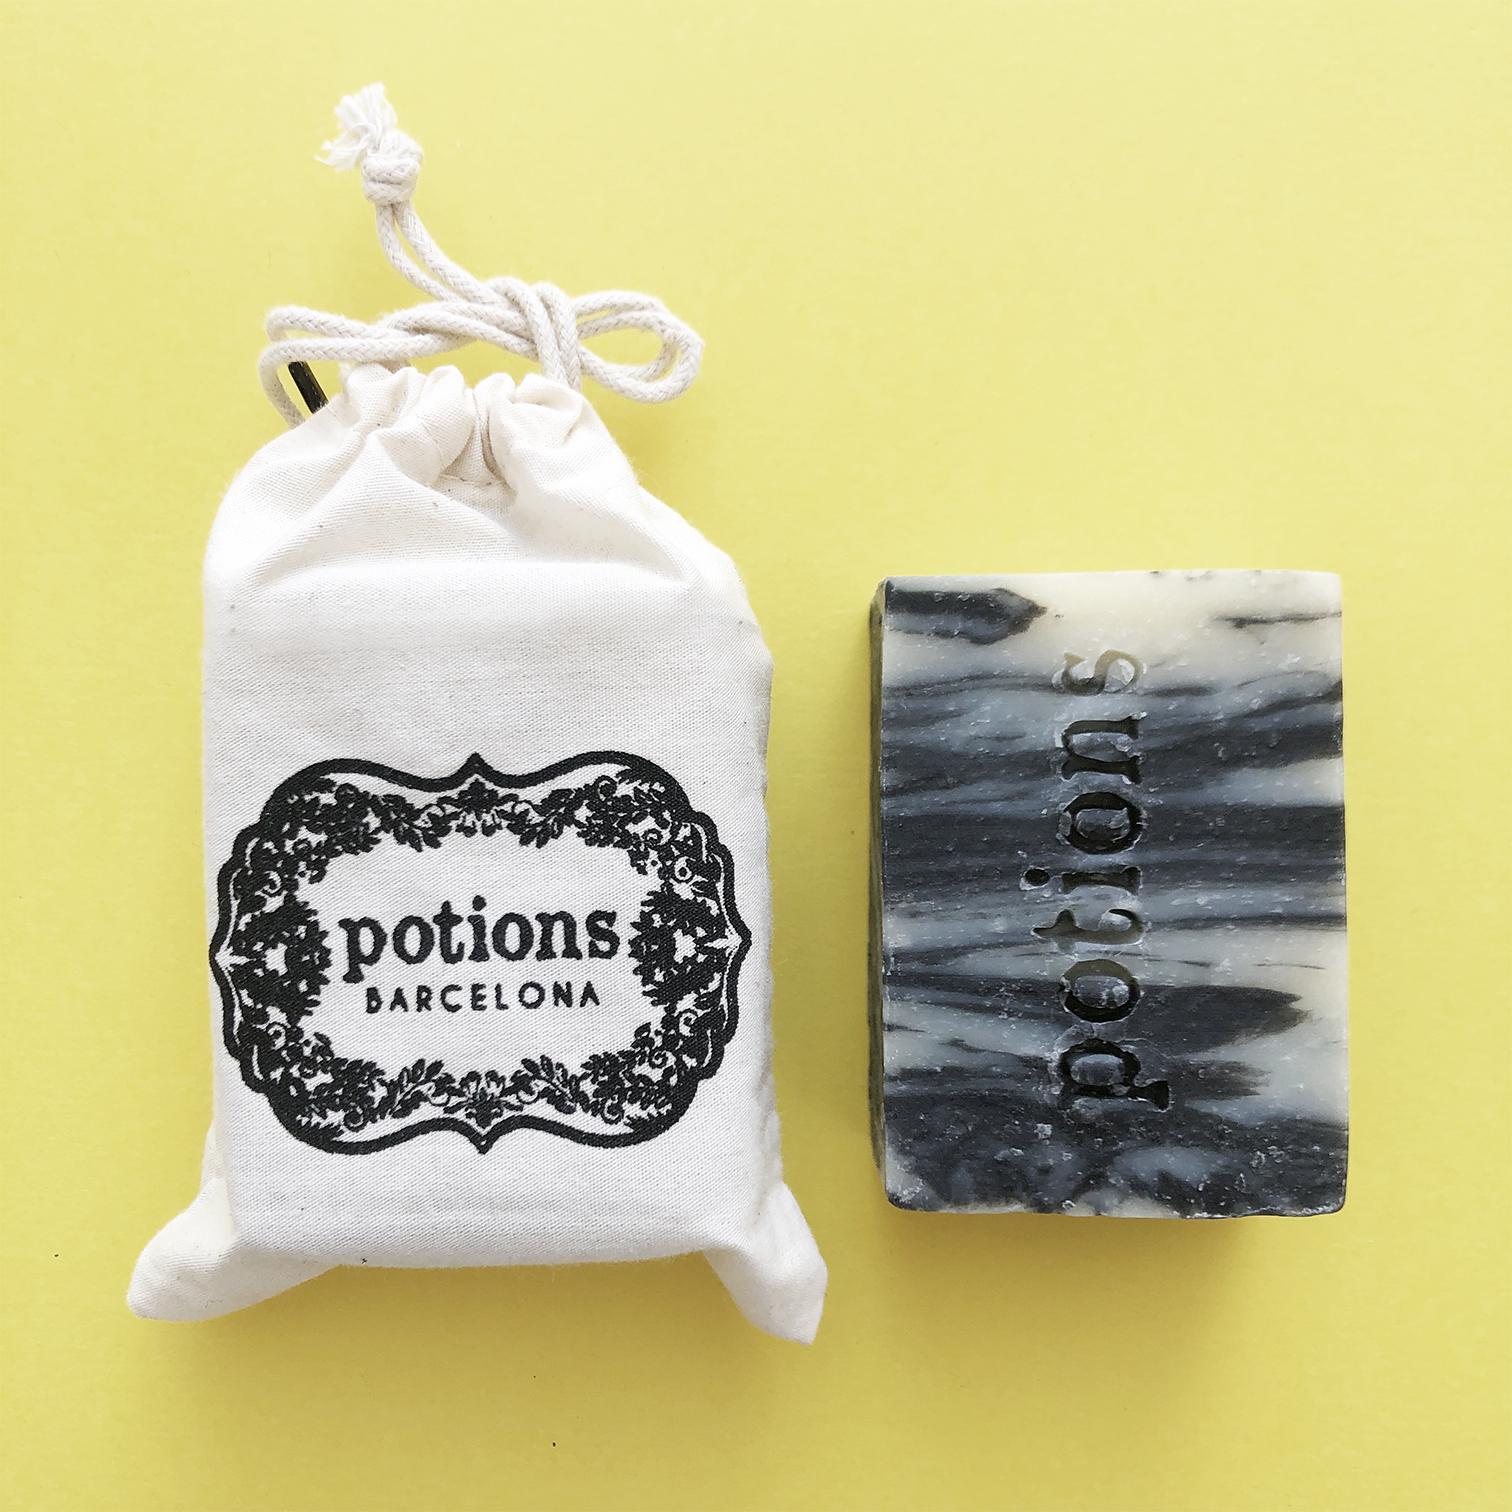 Potions BCN - Jabón ecológico vegano de carbón activo, coco y aceites esenciales